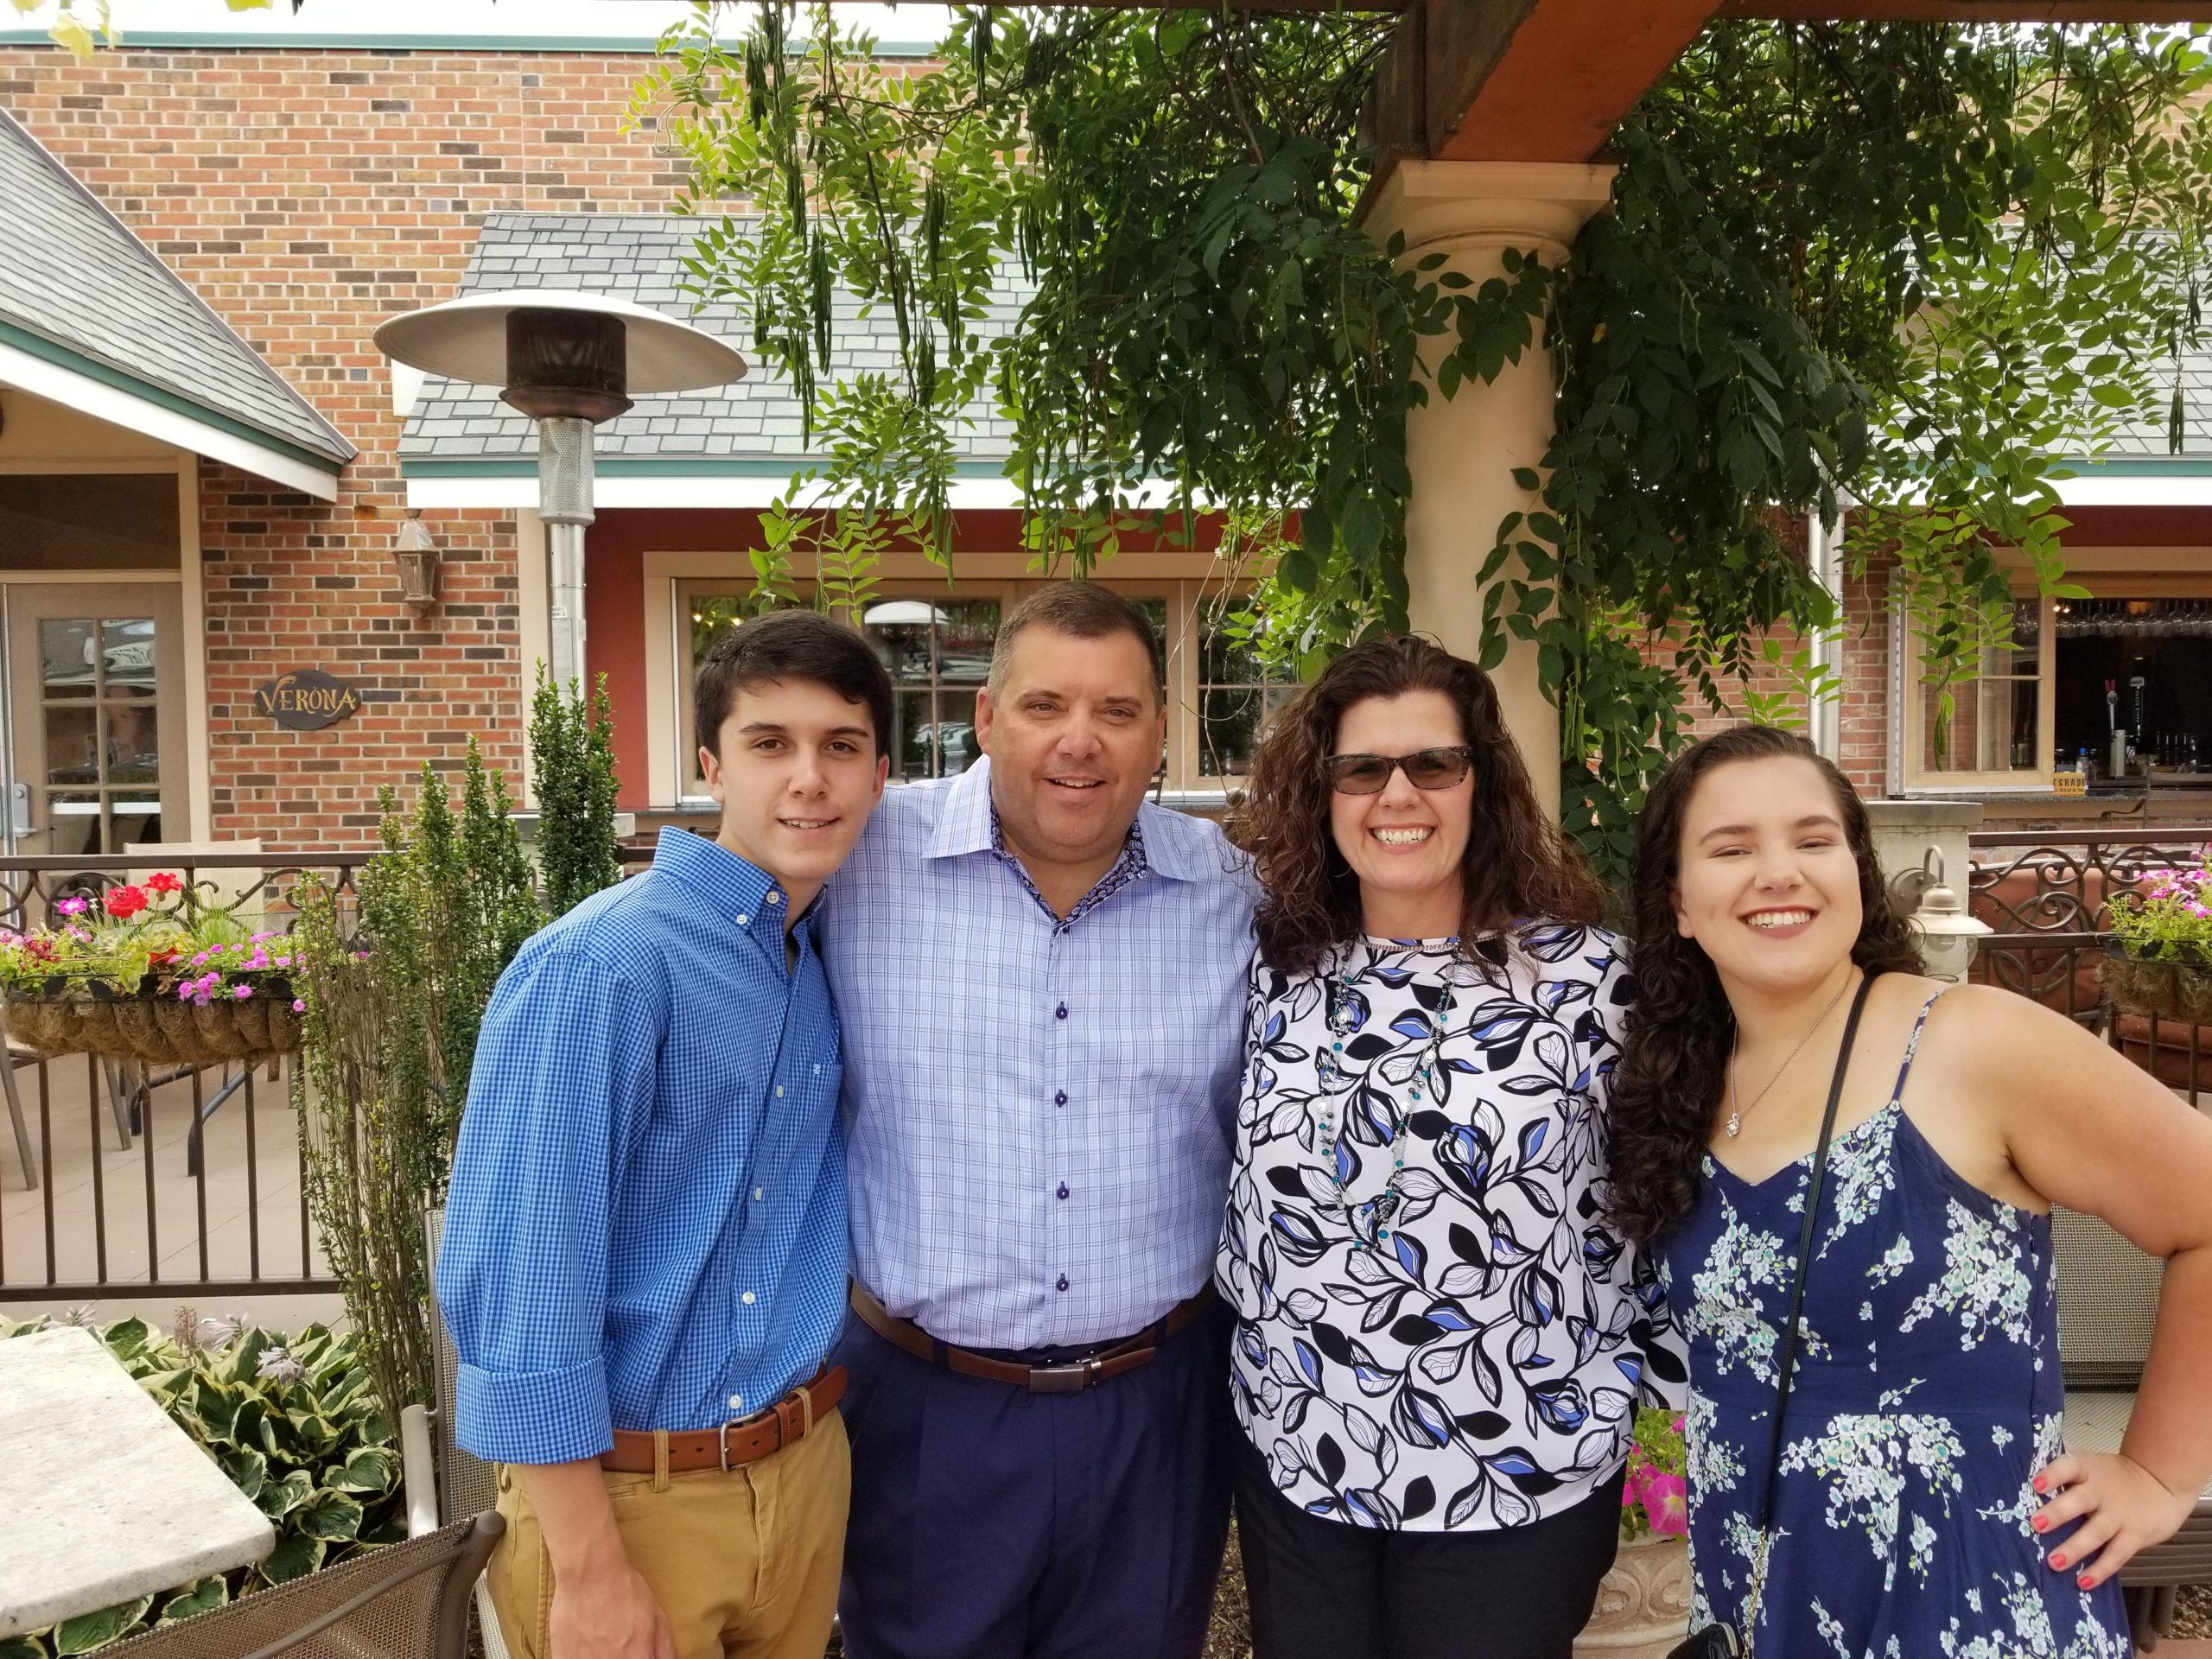 Trippany Family